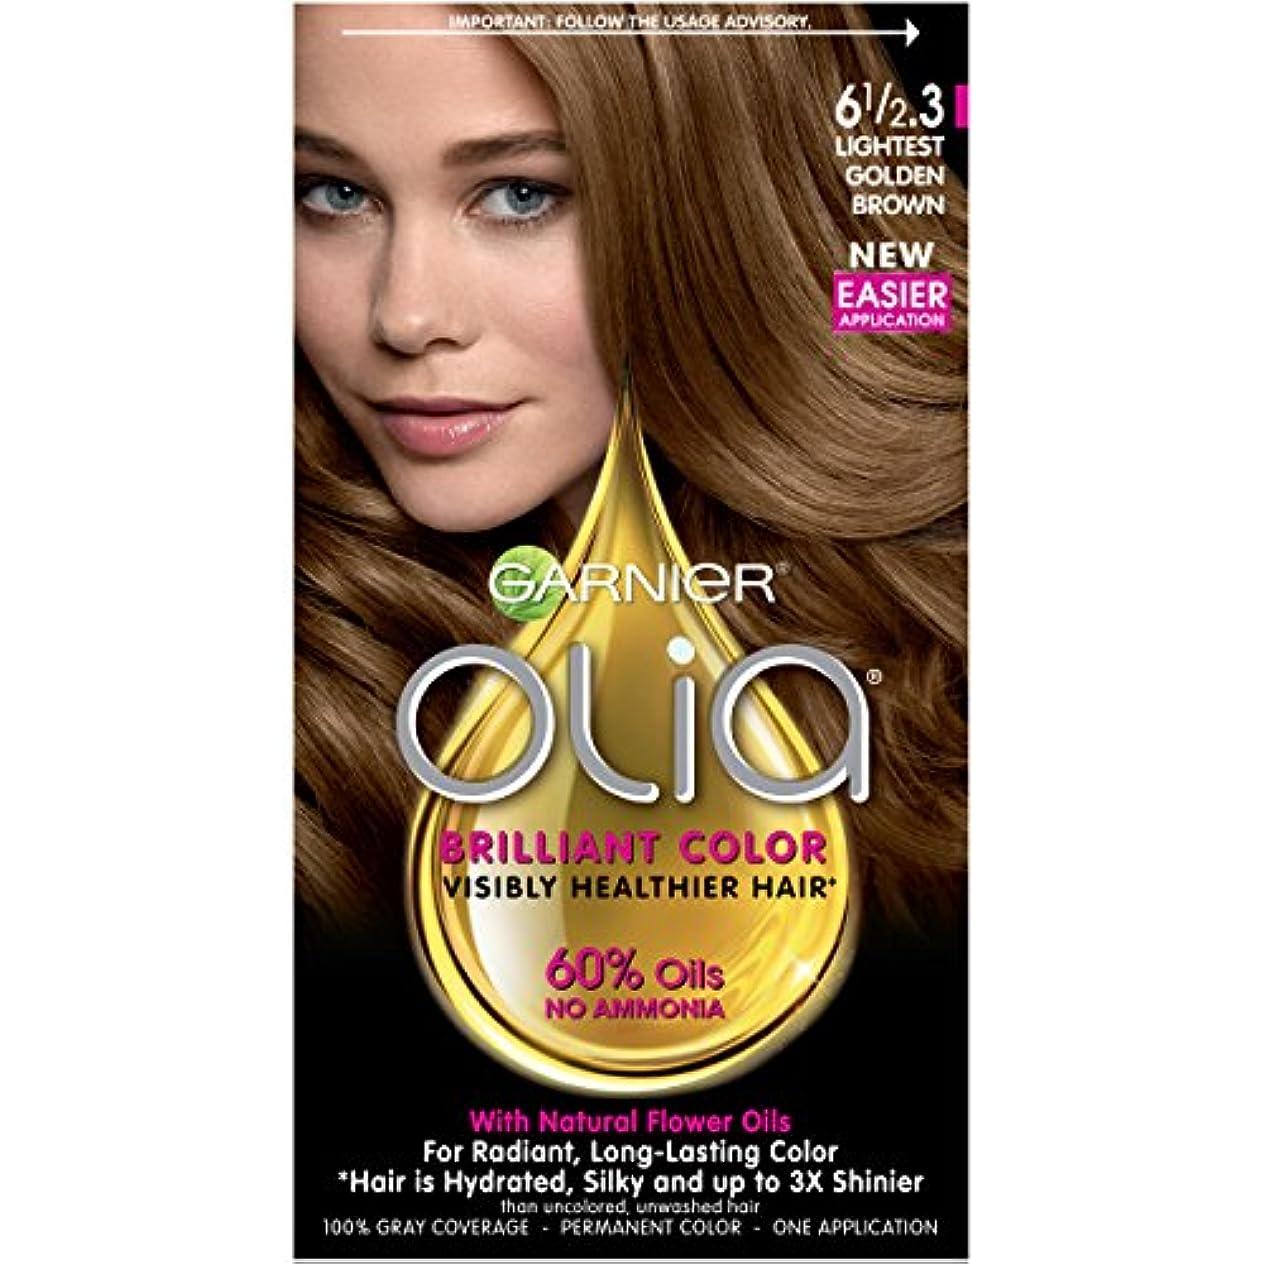 条約から聞く無視Garnier Oliaヘアカラー、6 1 / 2.3最軽量ゴールデンブラウン、アンモニア無料髪の色素(梱包が変更になる場合があります)